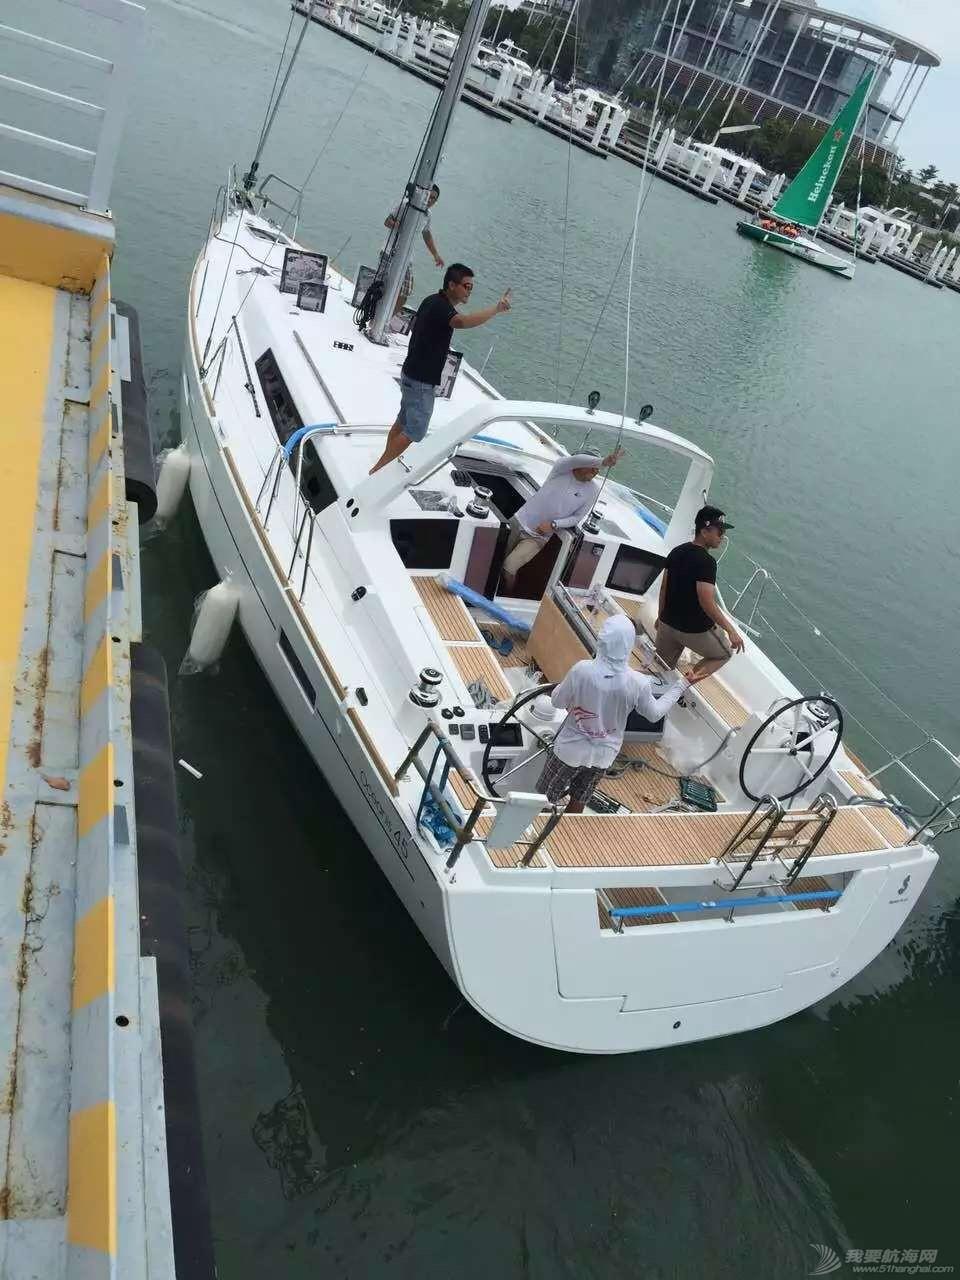 博纳多OCEANIS 45现船到港,静候未来的主人。 205238590286834535.jpg